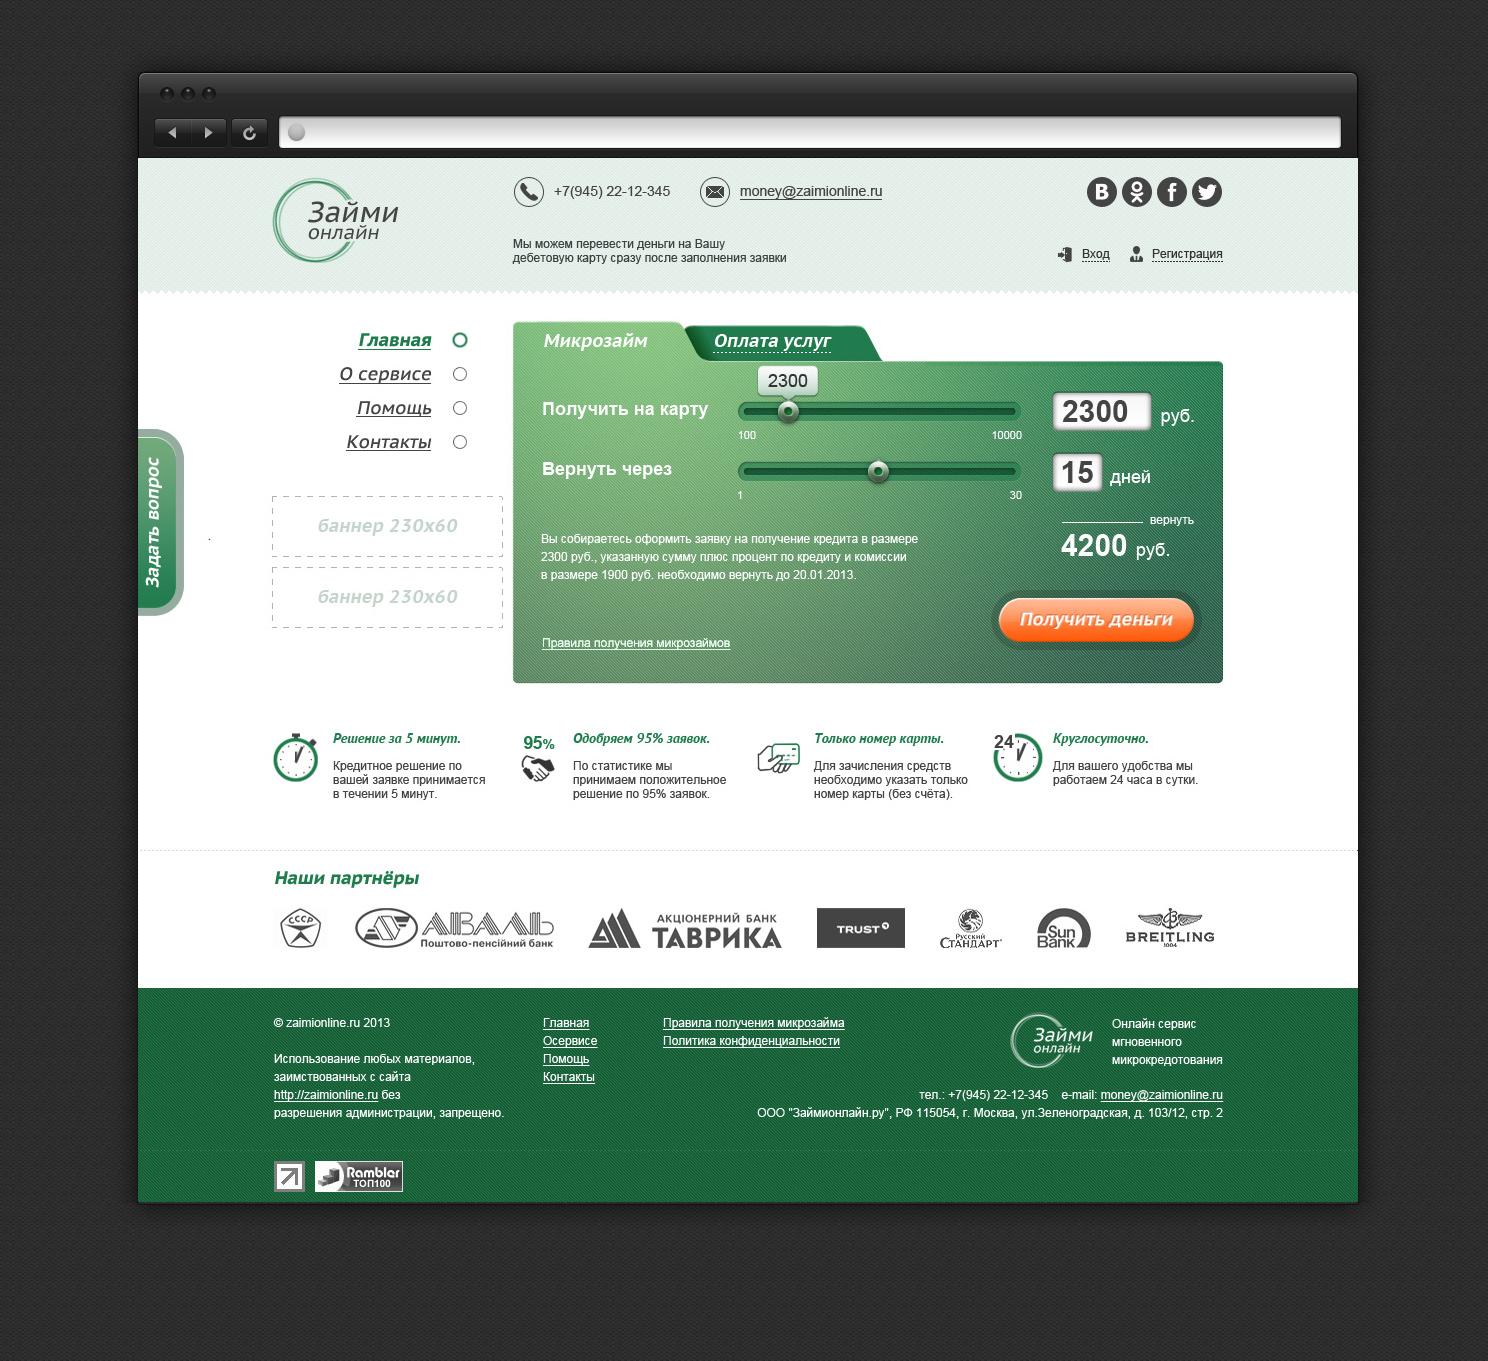 """Дизайн сайта сервиса микрокредитования """"Займи онлайн"""""""